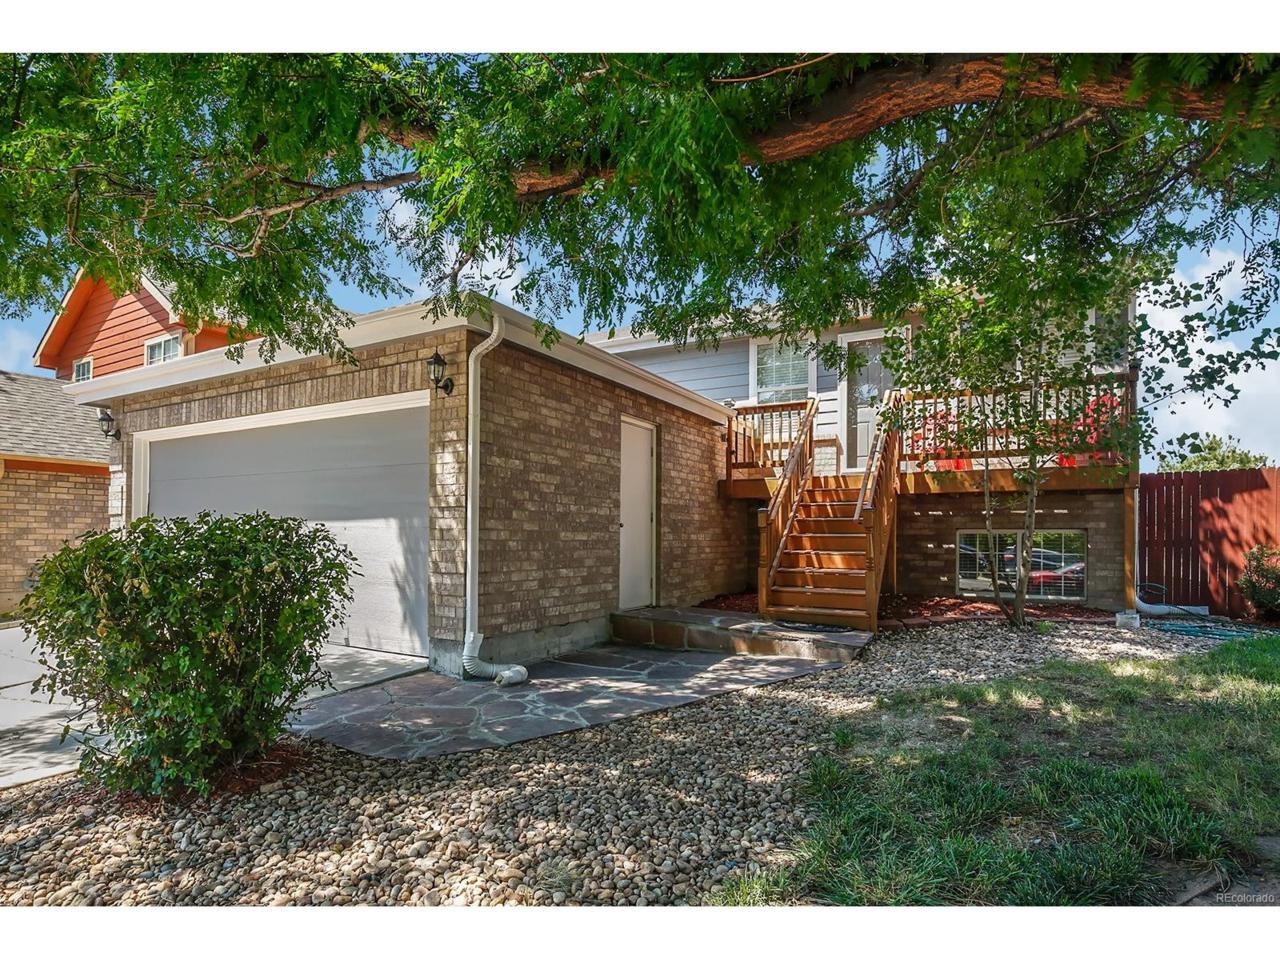 6189 Zenobia Court, Arvada, CO 80003 (MLS #6736504) :: 8z Real Estate